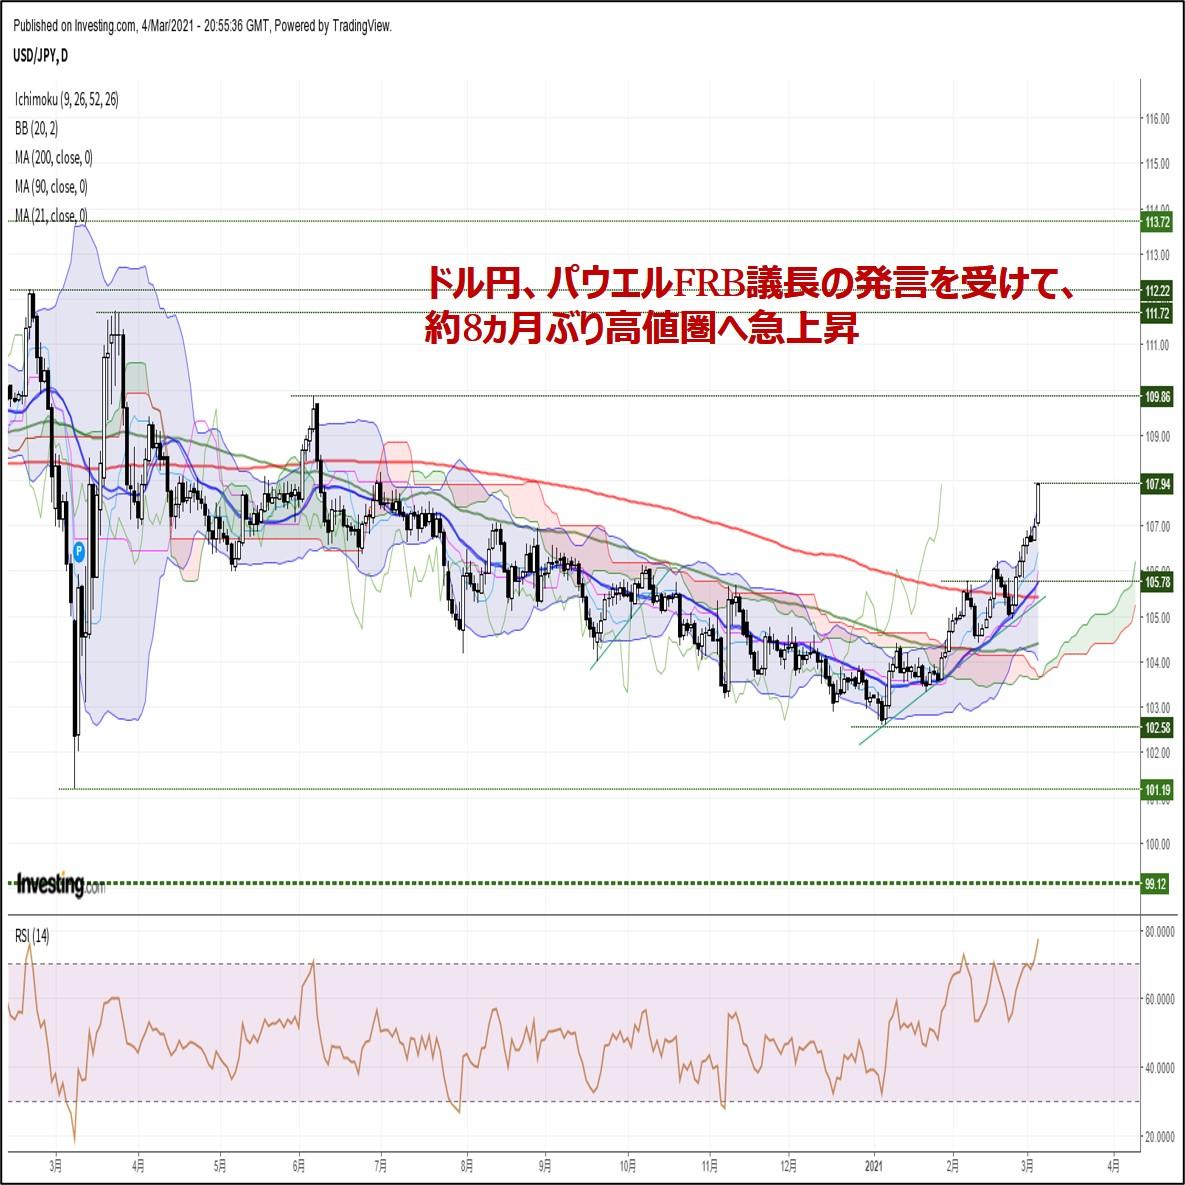 ドル円、パウエルFRB議長の発言を受けて、約8ヵ月ぶり高値圏へ急上昇(3/5朝)